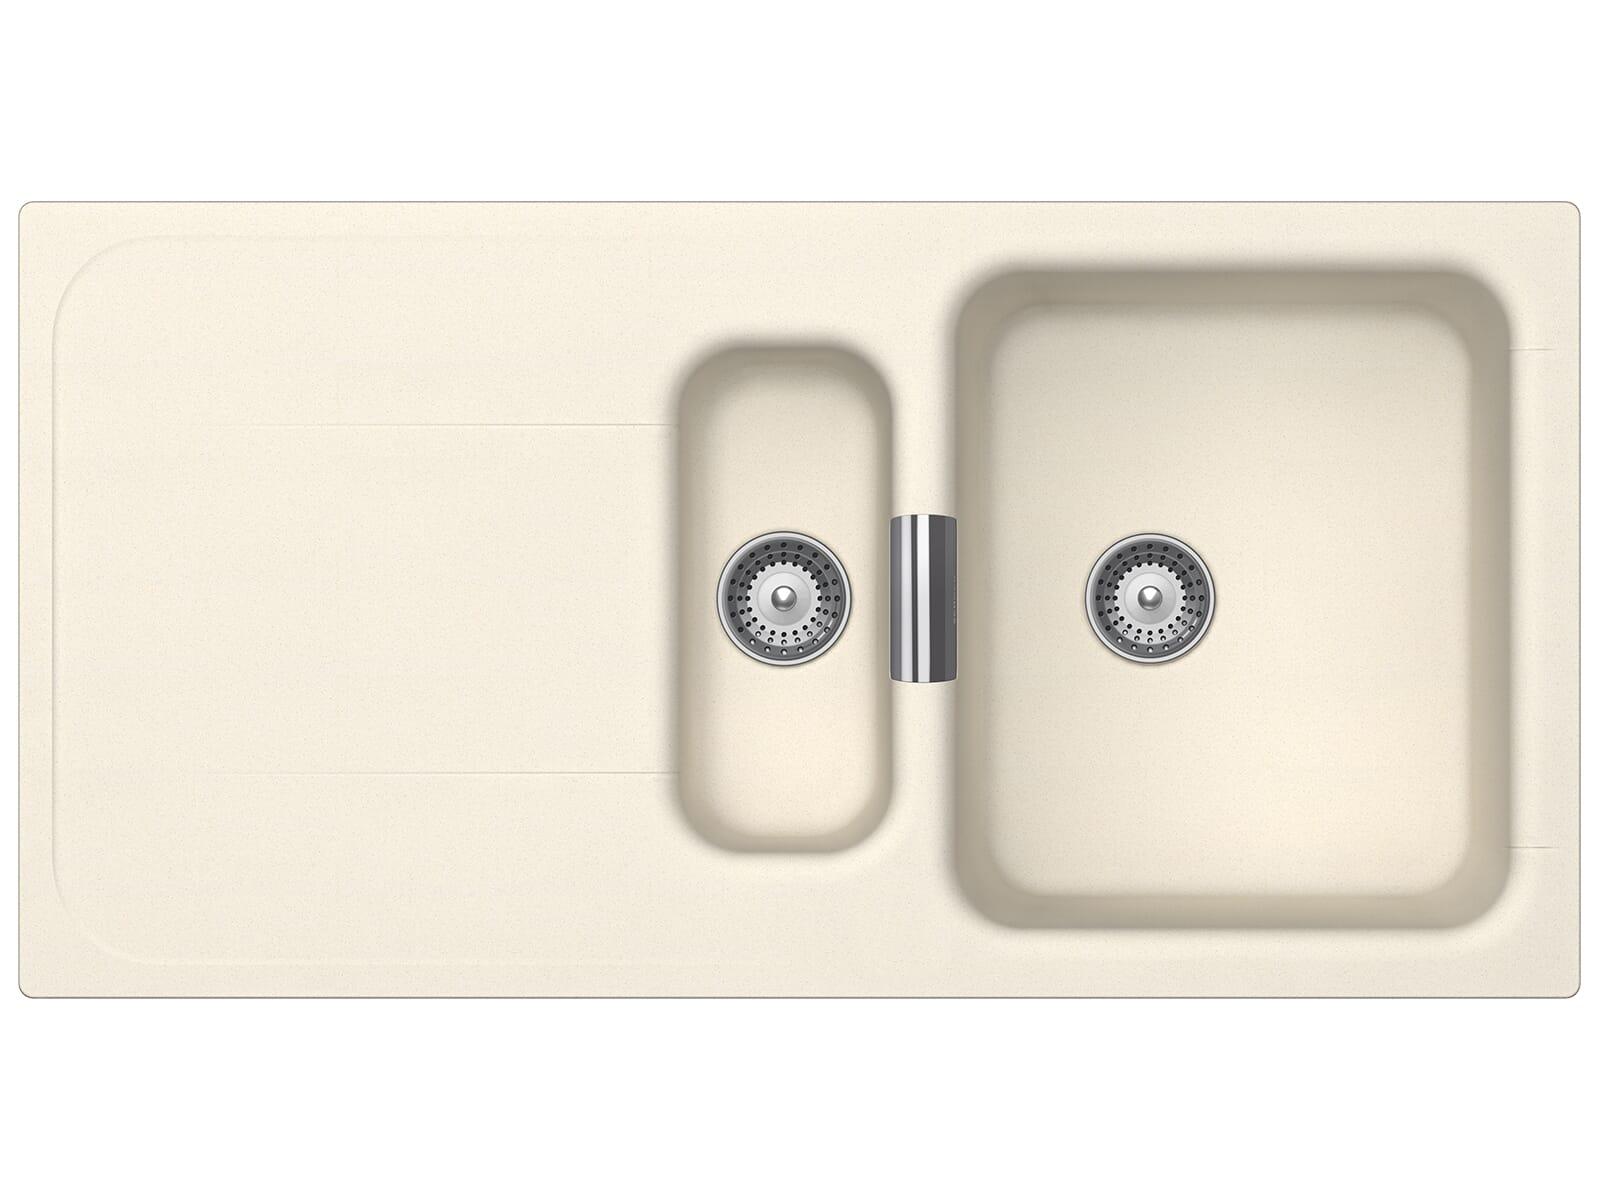 Schock Wembley D-150 A Magnolia - WEMD150AMGL Granitspüle